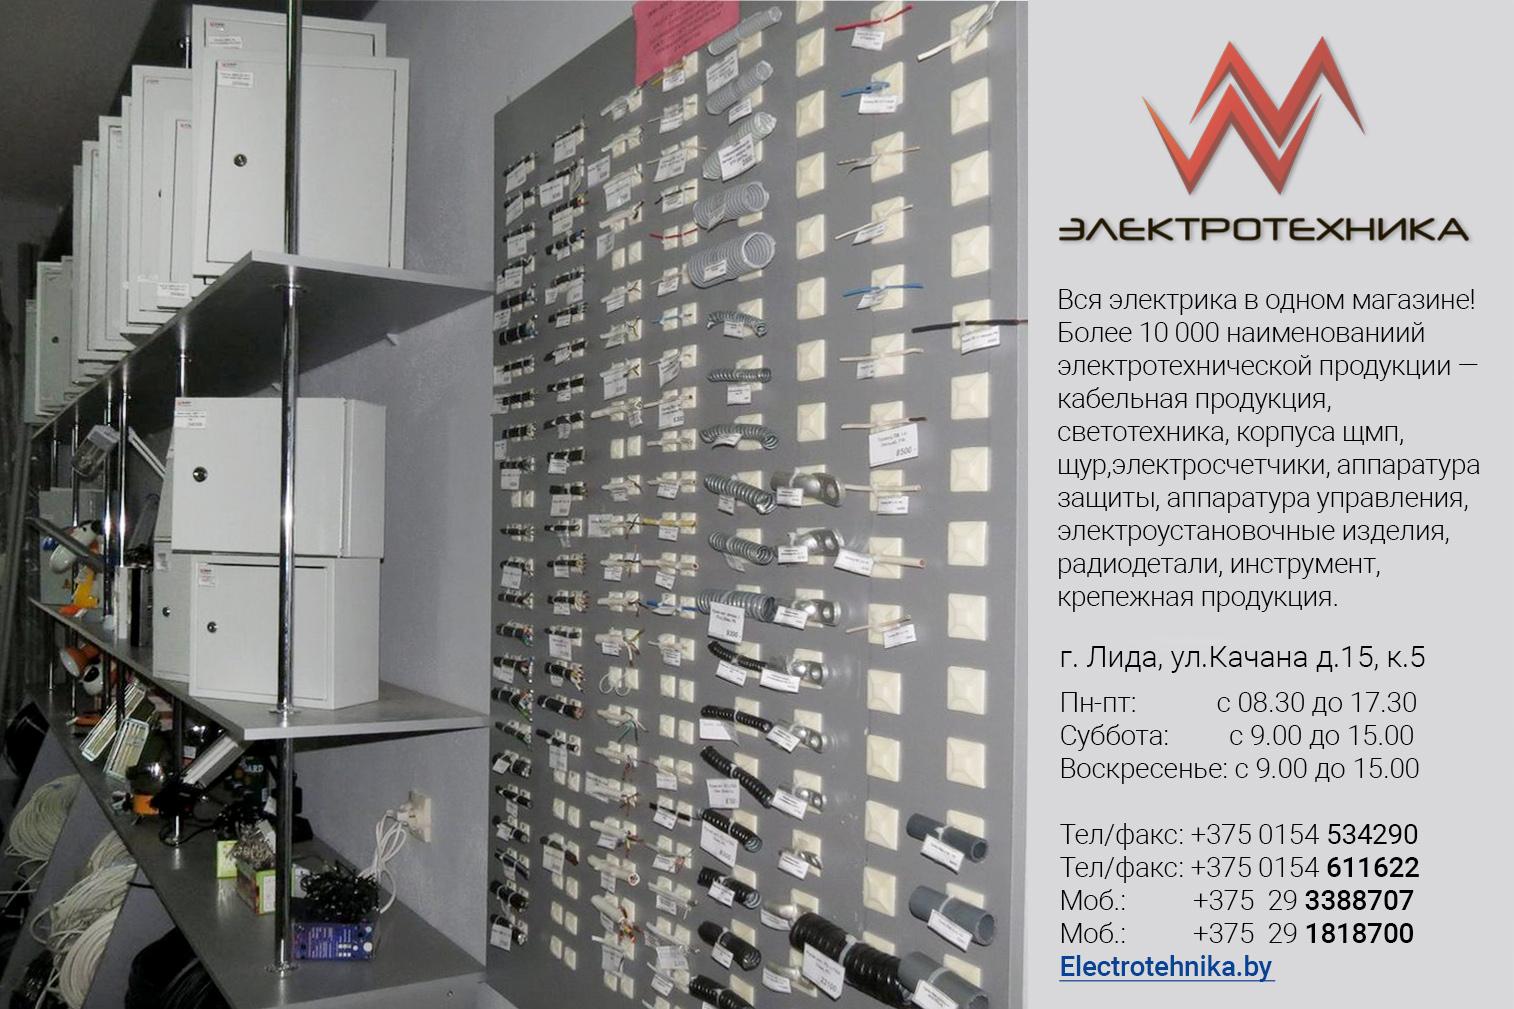 «Магазин «Электротехника» г. Лида